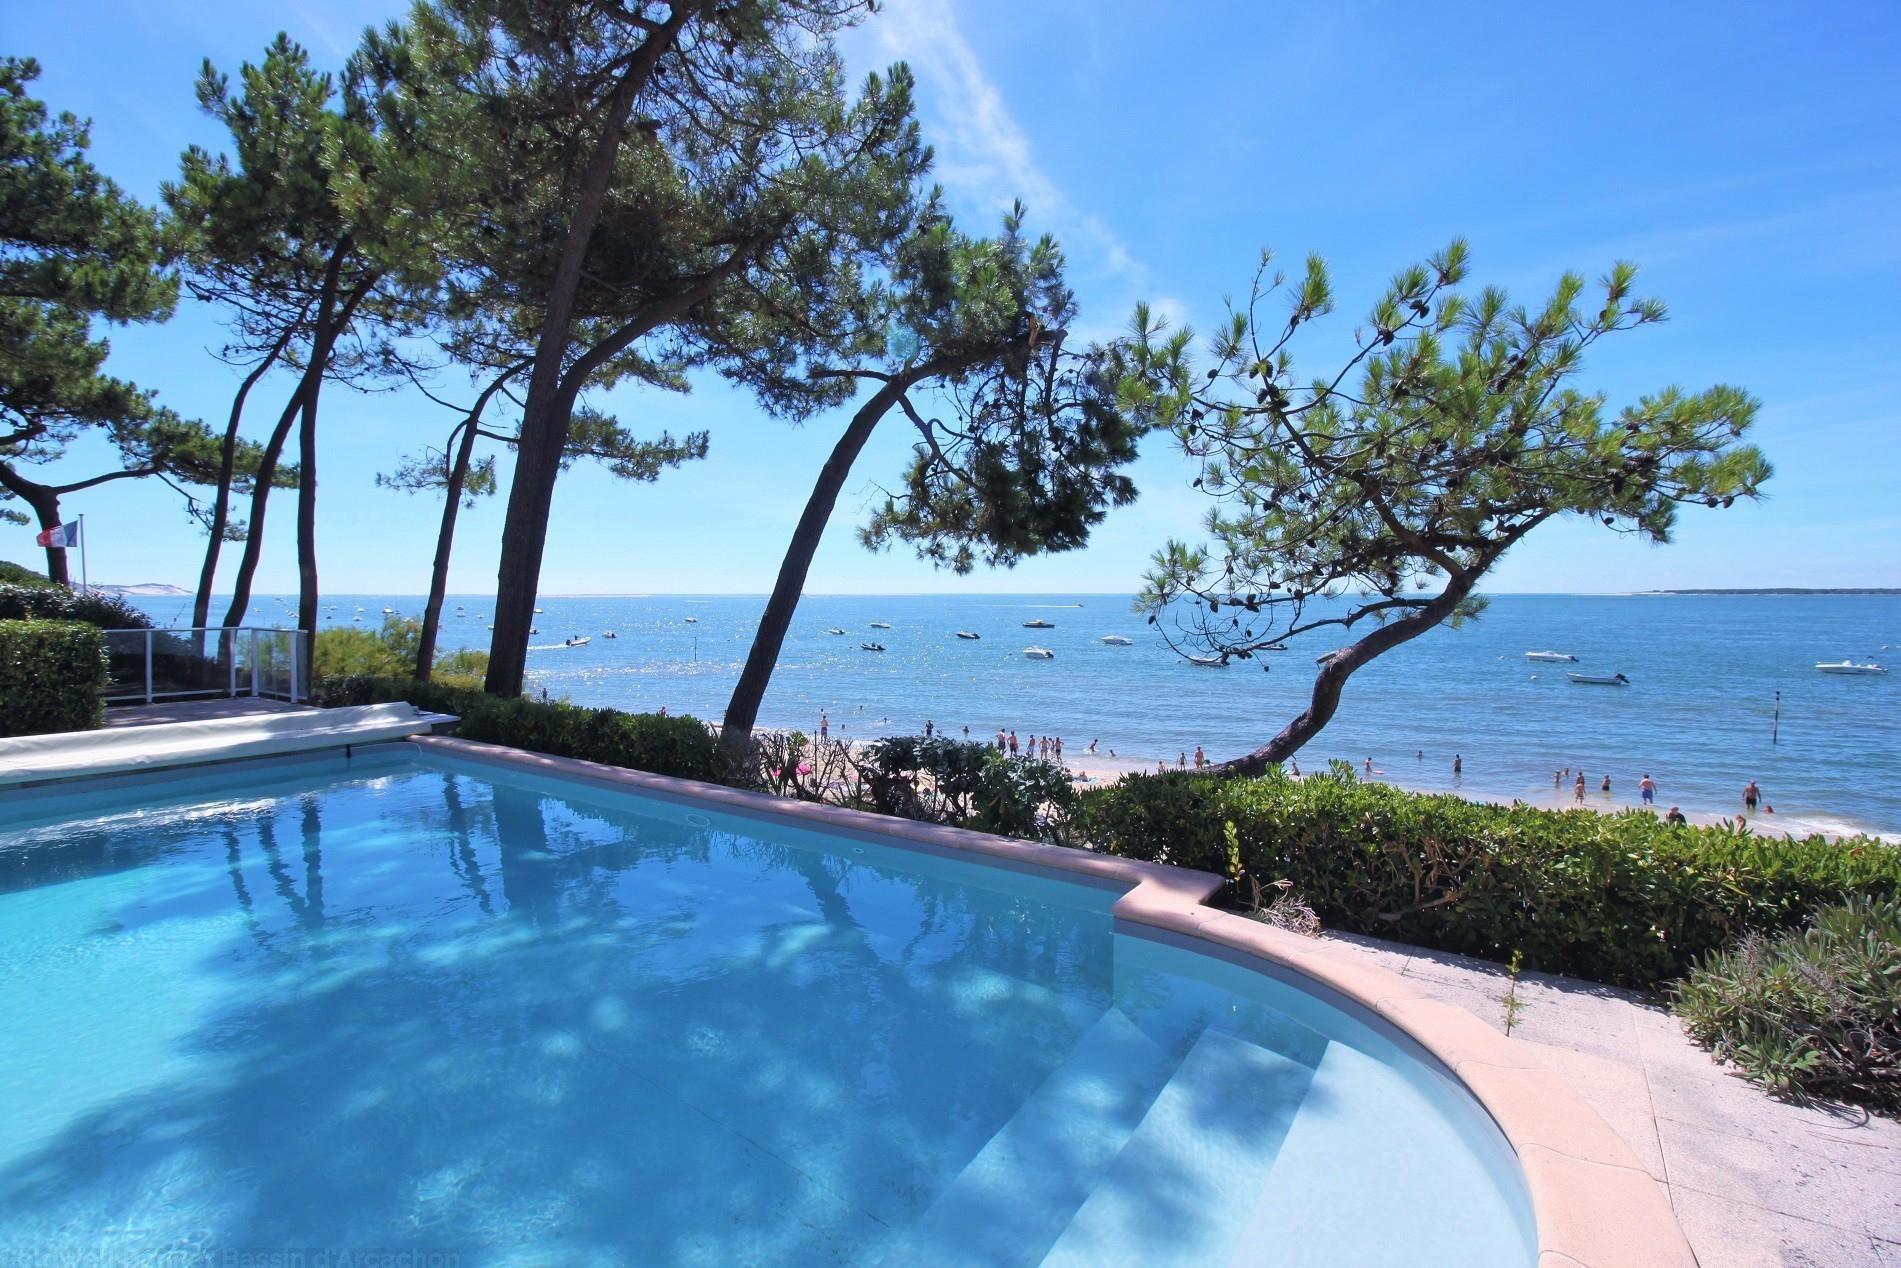 Vente Villa Esprit Paquebot Pyla Sur Mer Avec Vue Panoramique Sur Bassin  Arcachon Immobilier De Luxe